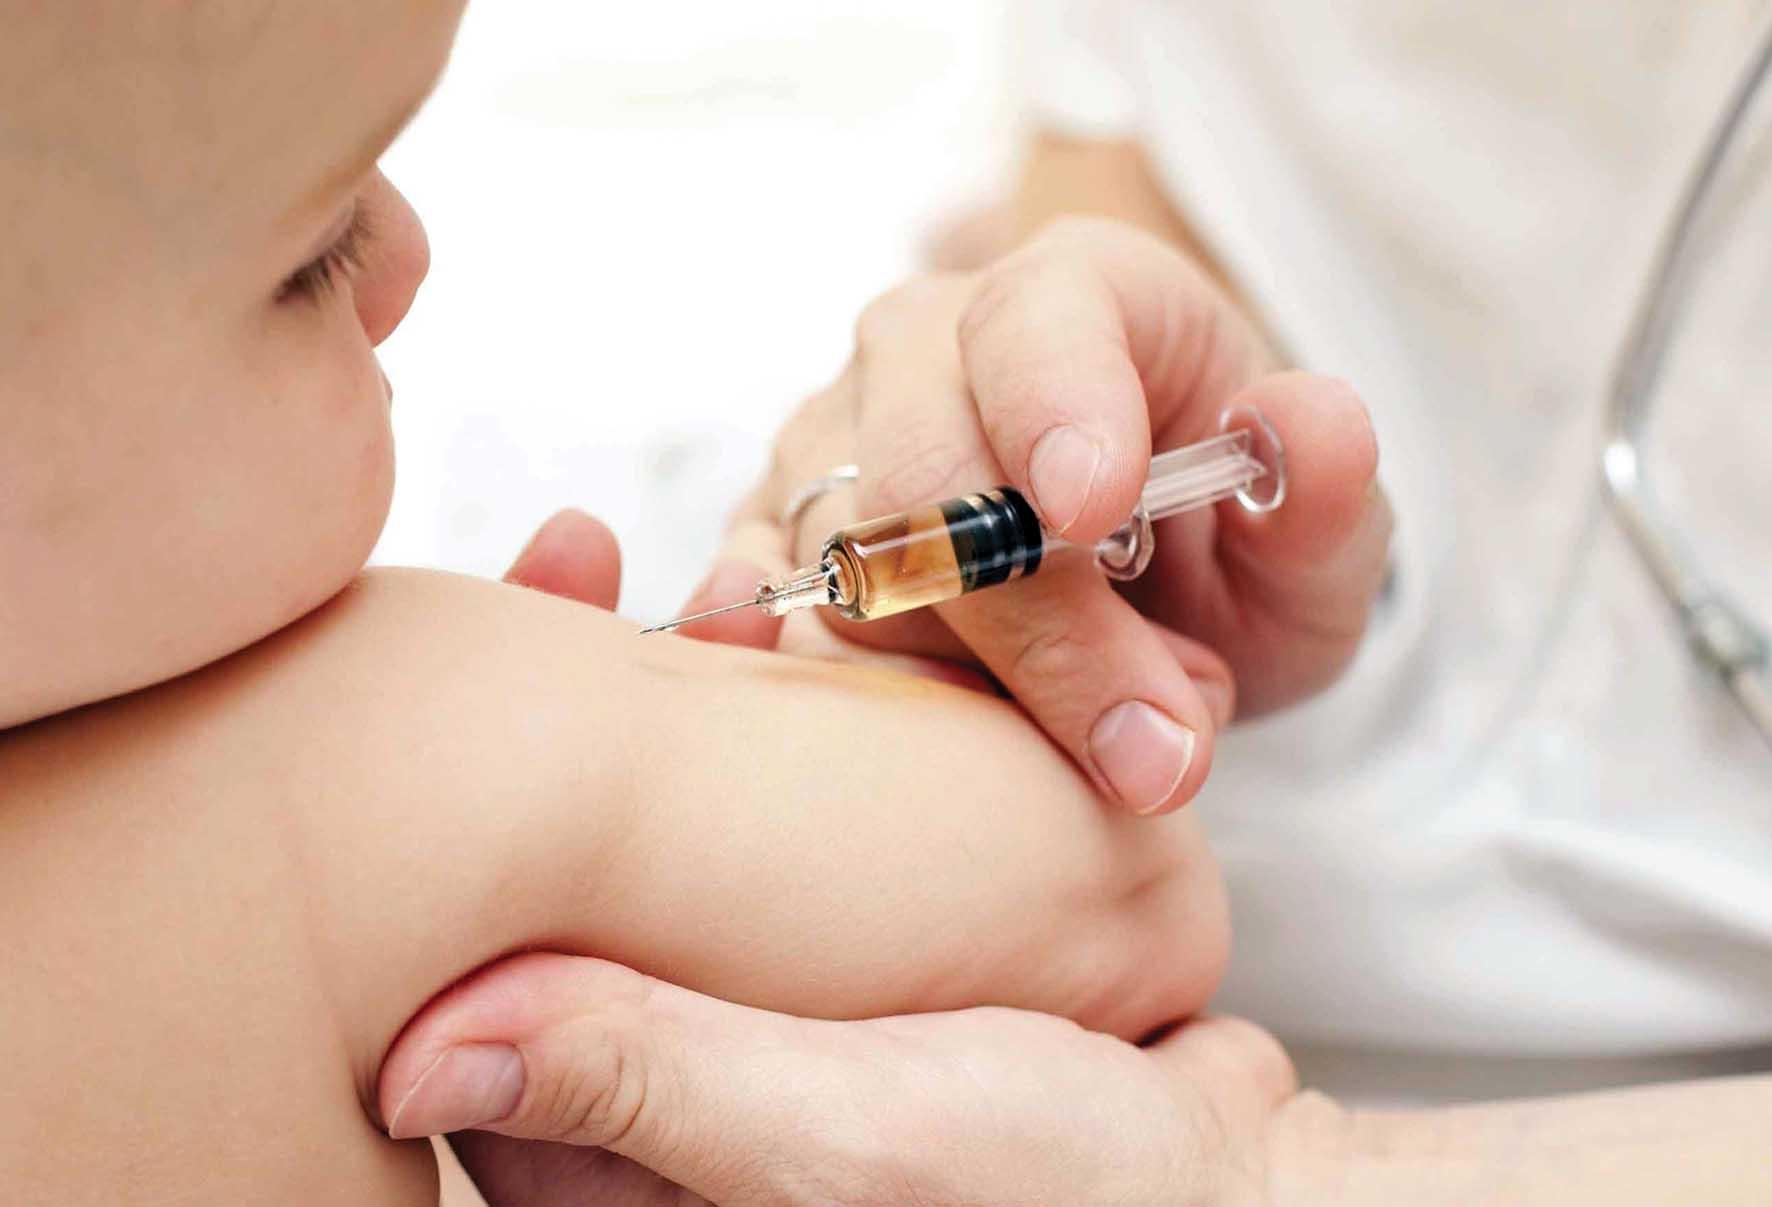 vaccino vaccinazione bambino